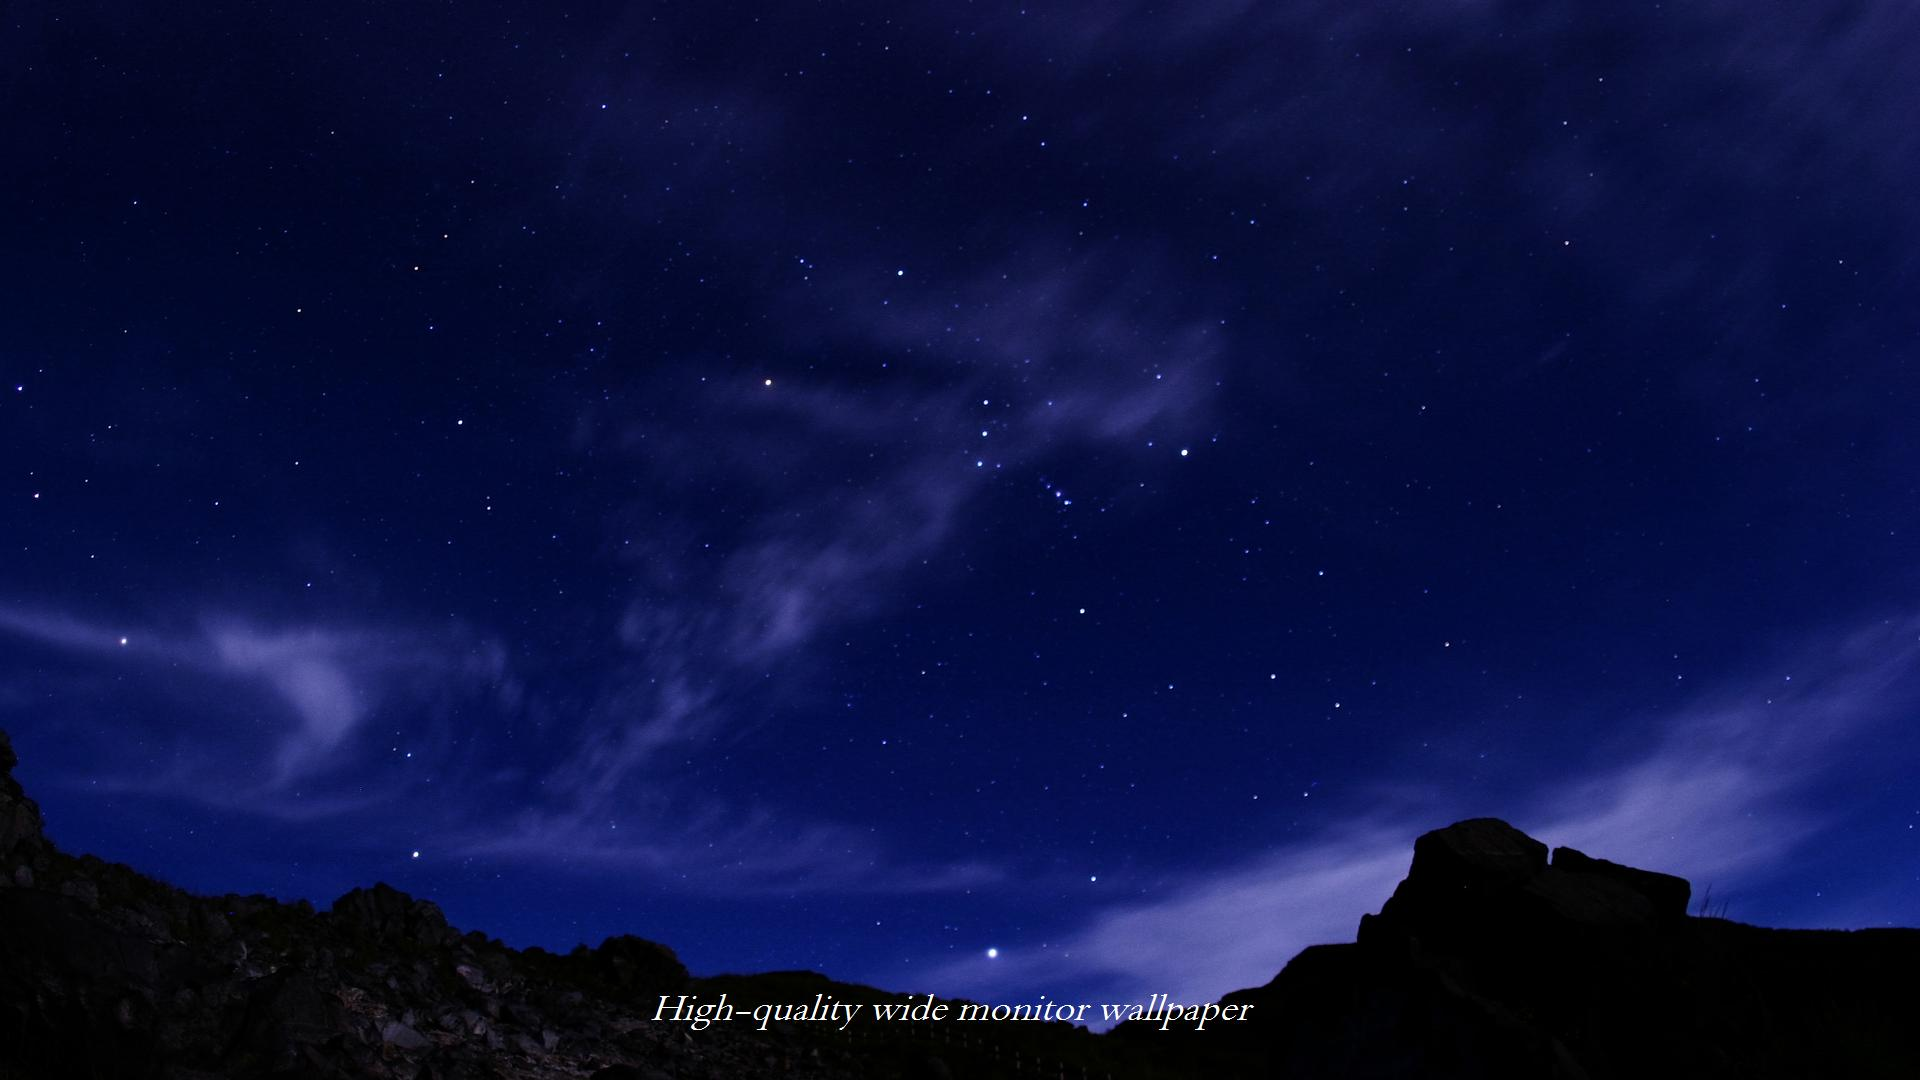 硫黄山で撮影したオリオン座をモチーフにしましたワイドモニター 19 1080 高画質壁紙 アスペクト比 16 9 星景写真 長時間露光 Time Lapse 微速度撮影 夜間撮影 インターバル撮影